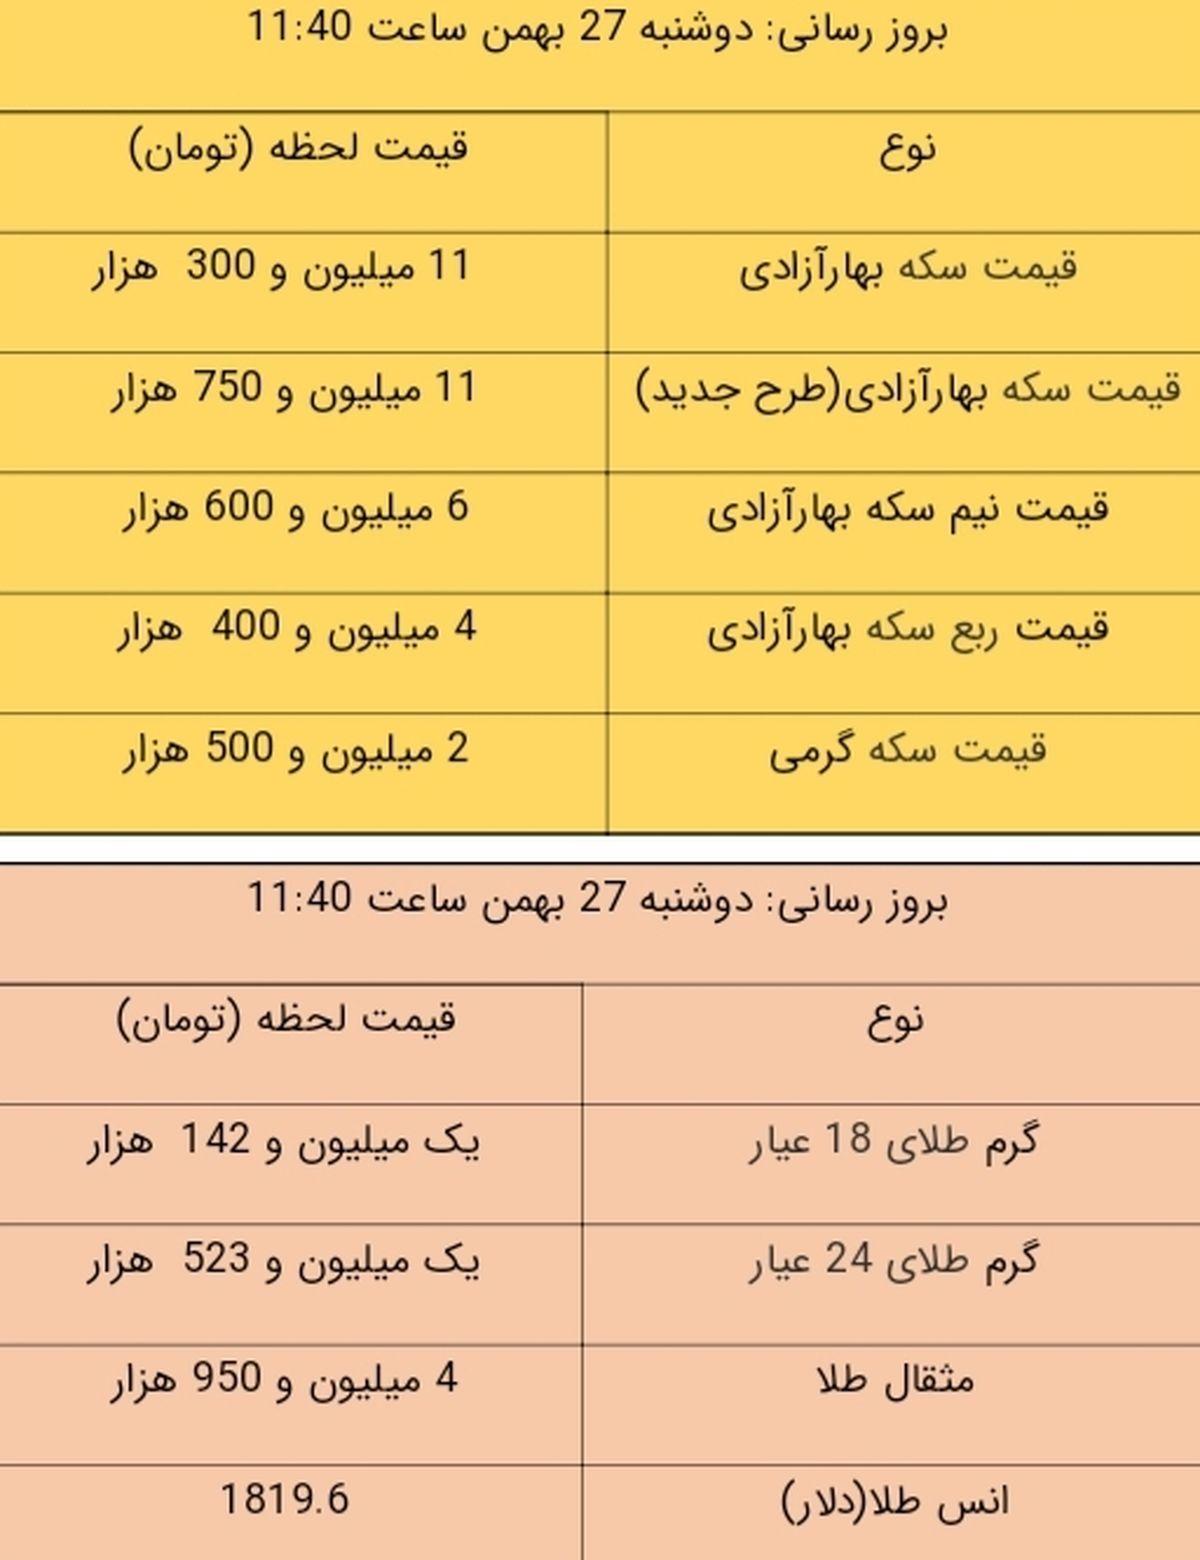 آخرین قیمت طلا و قیمت سکه، امروز ۲۷ بهمن ۹۹ / طلا سقوط کرد + جدول